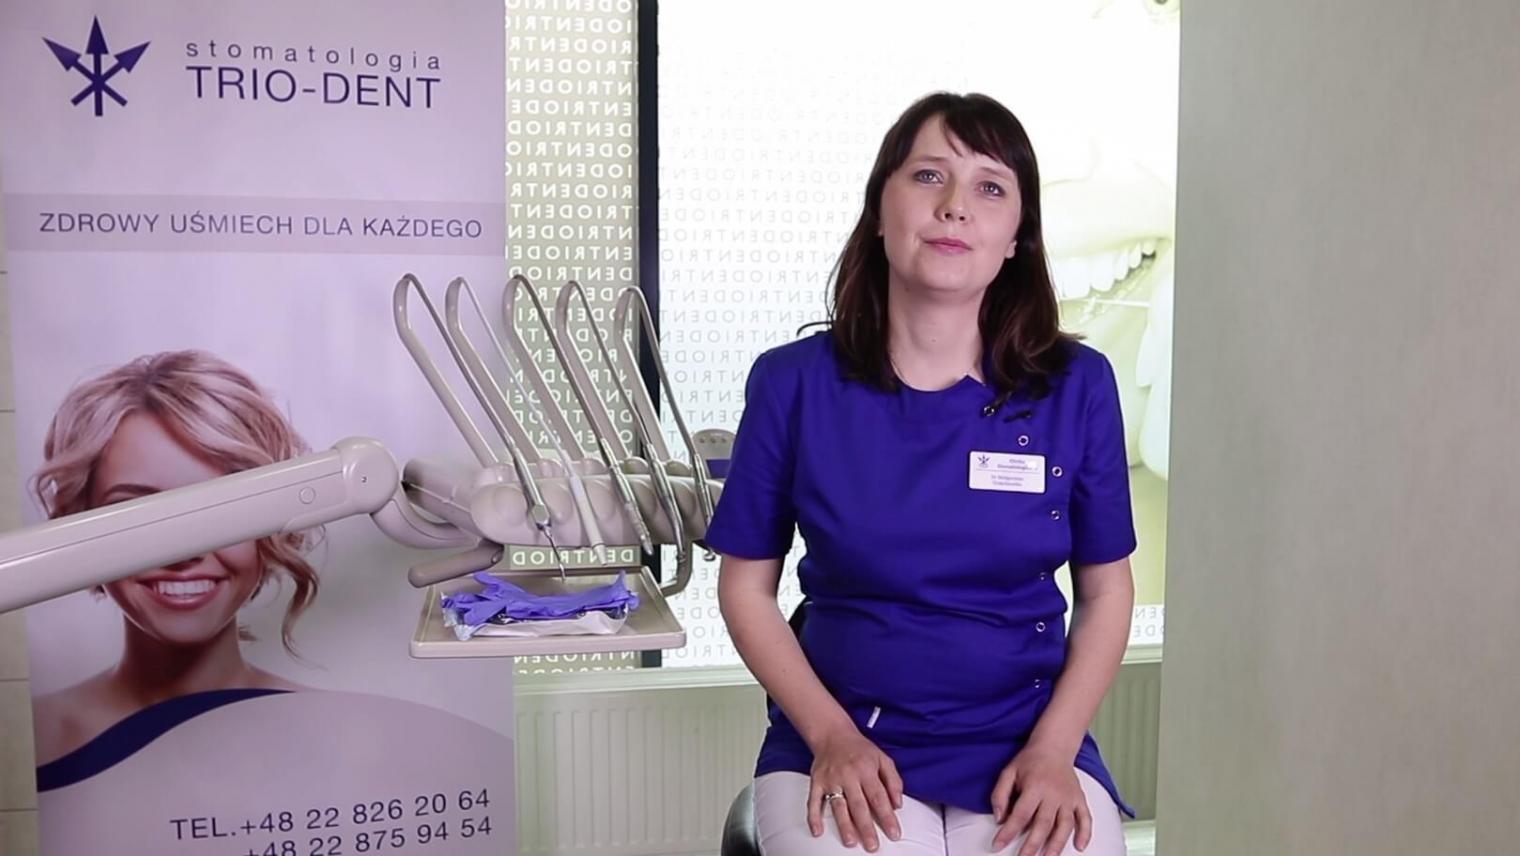 Małgorzata Orzechowska – Endodoncja i Protetyka